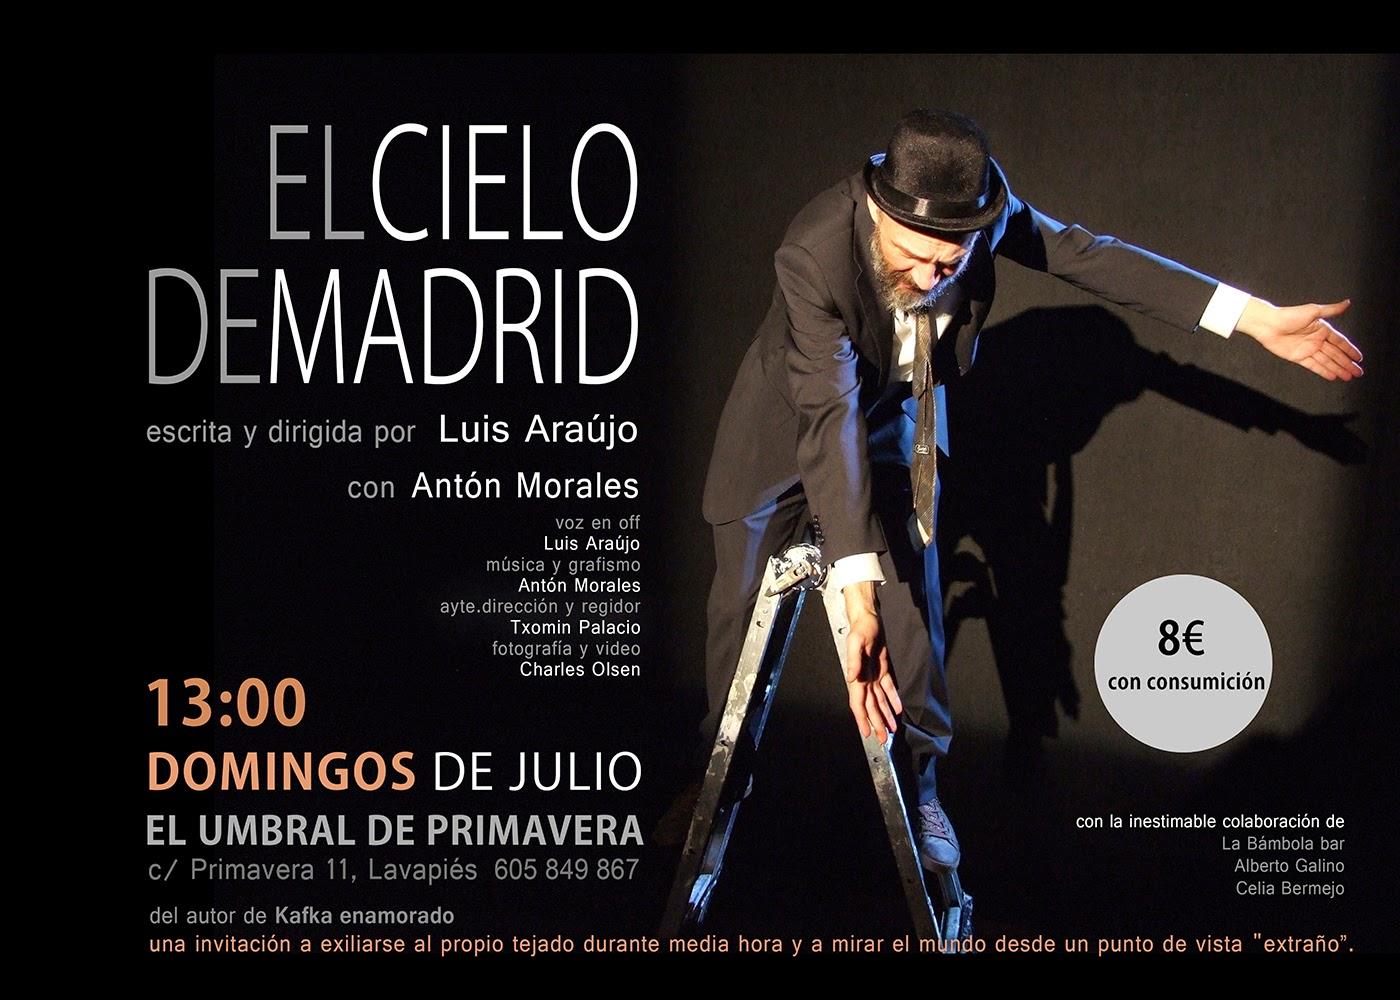 el cielo de madrid, de Luis Araújo. Con Antón Morales